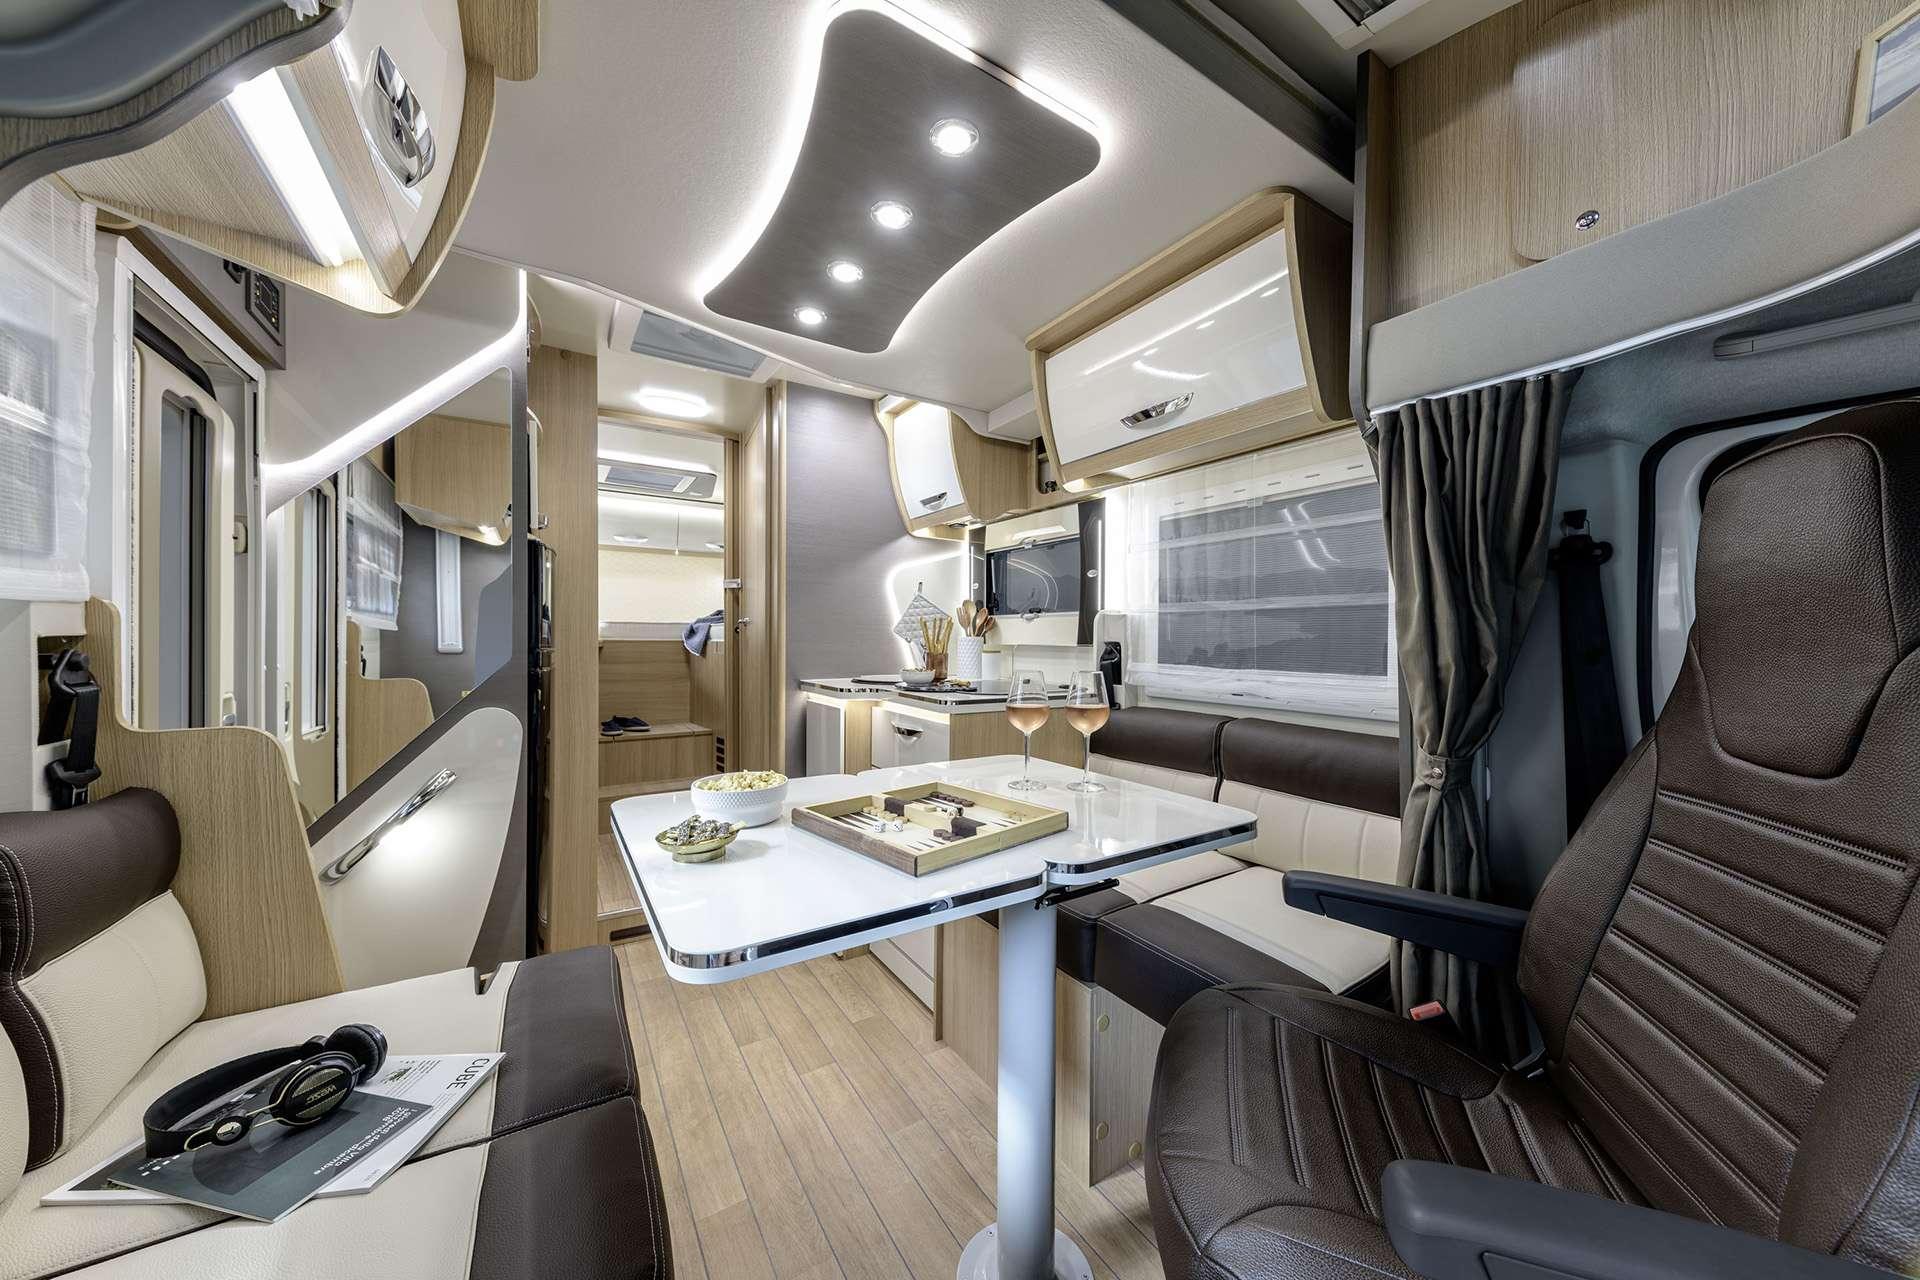 Bild einer Fahrerkabine und Küche eines Wohnmobils von Innen.